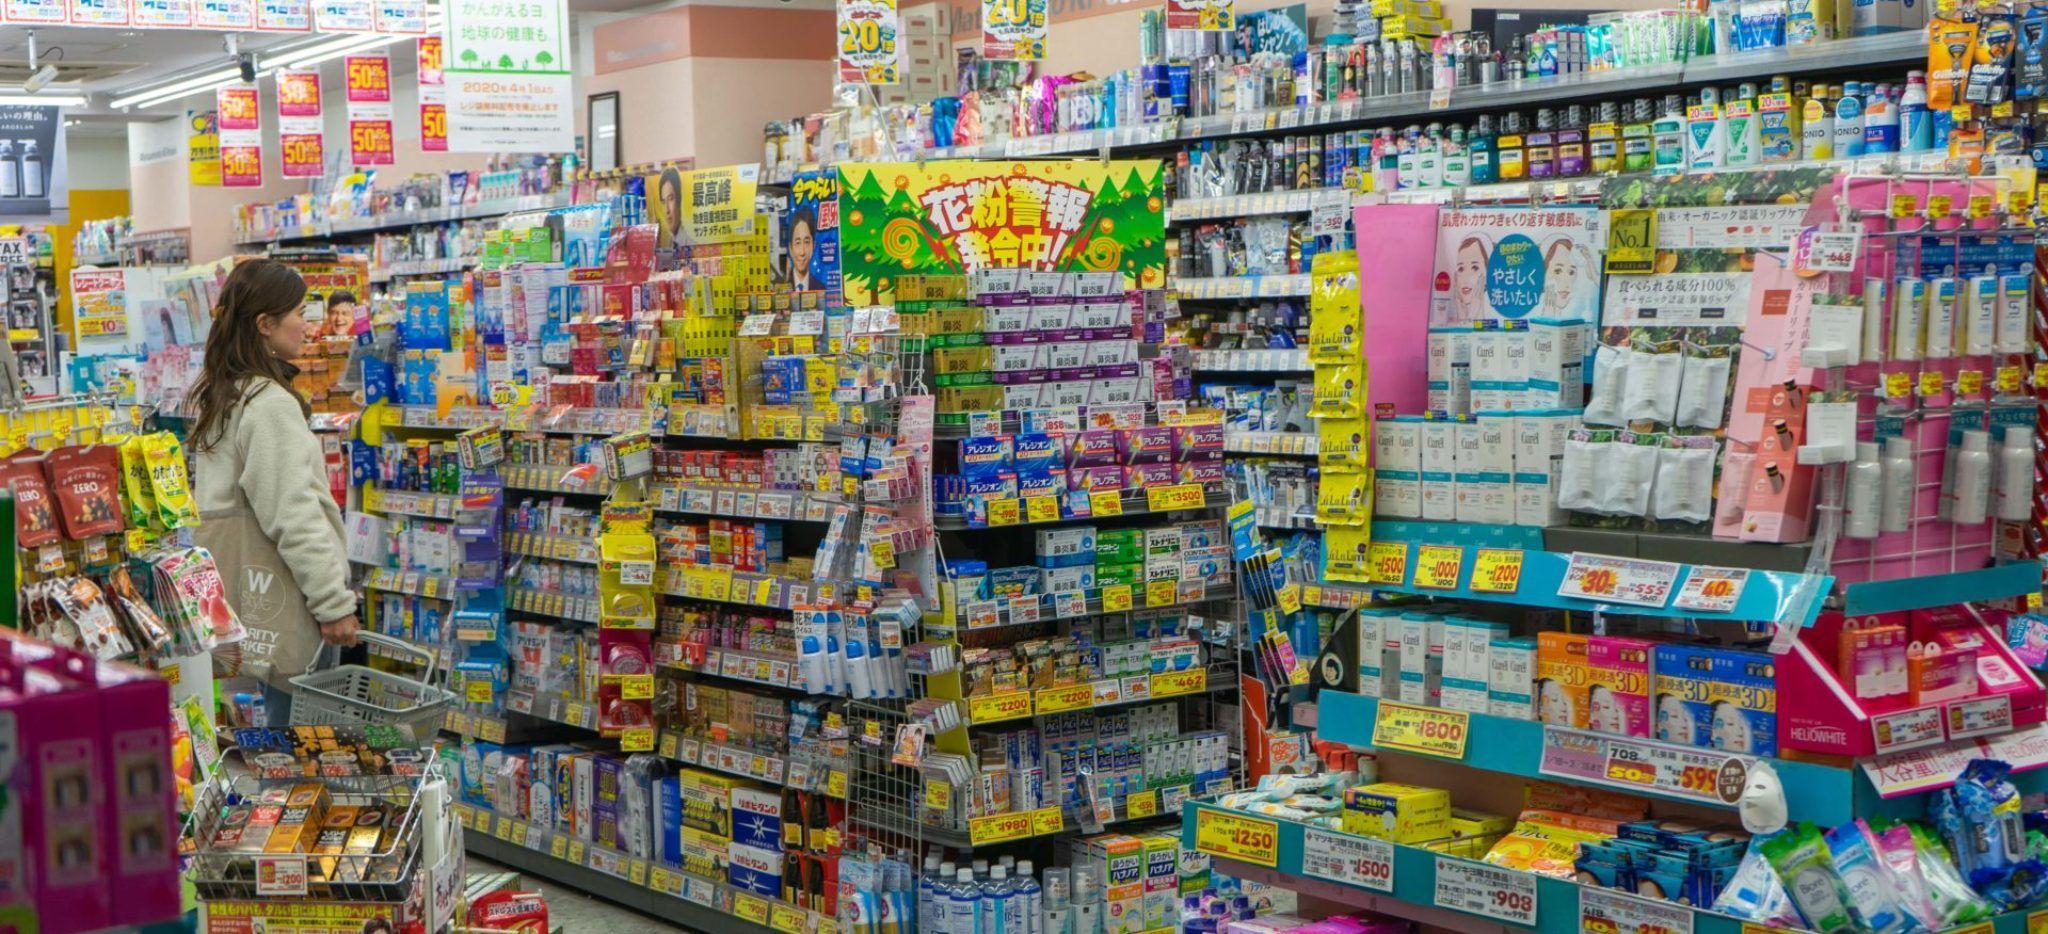 Drogerien in Japan: Mehr als nur Medikamente